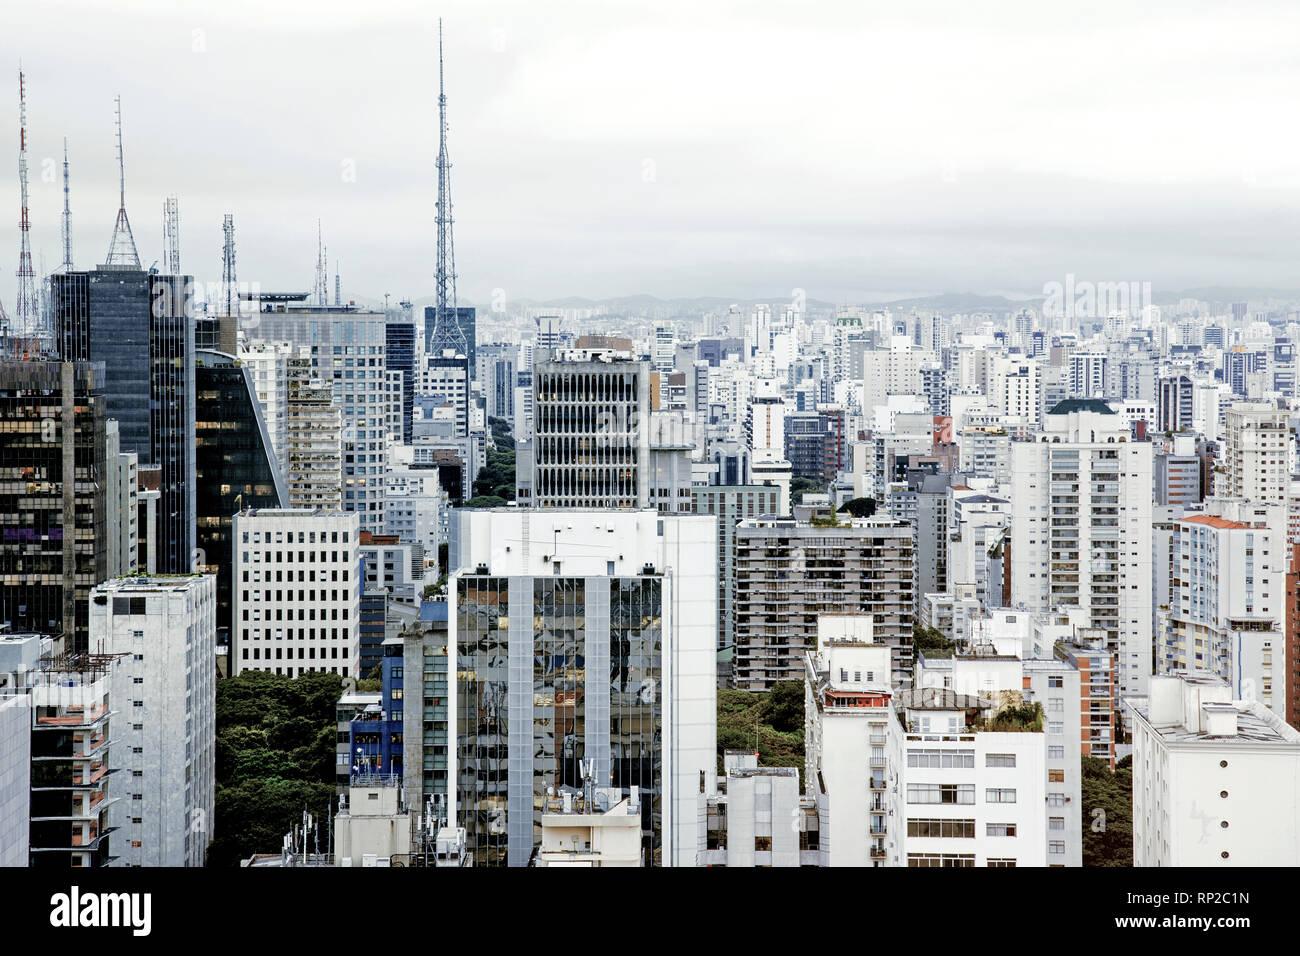 Tageslicht Schuß auf die Skyline von Central Sao Paulo, Brasilien Stockbild